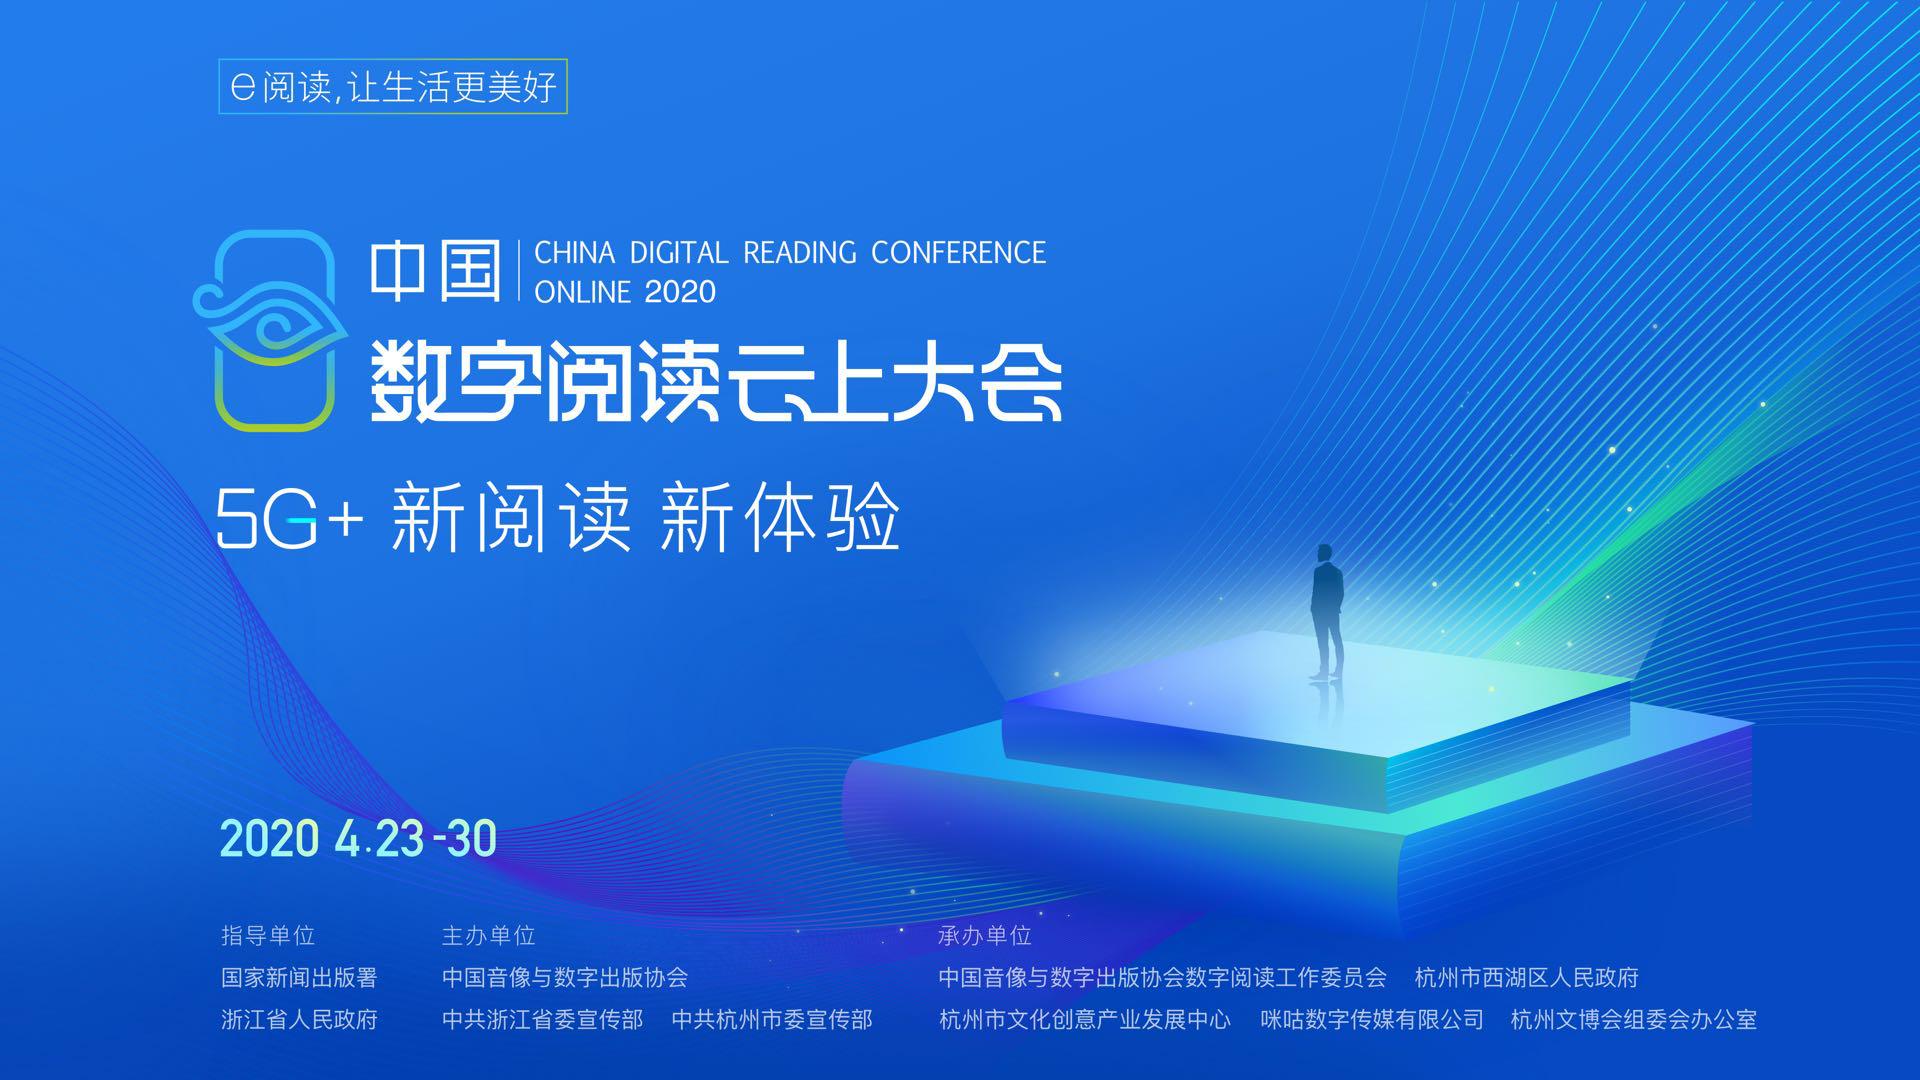 e阅读让生活更美好,2020中国数字阅读云上大会上线启幕